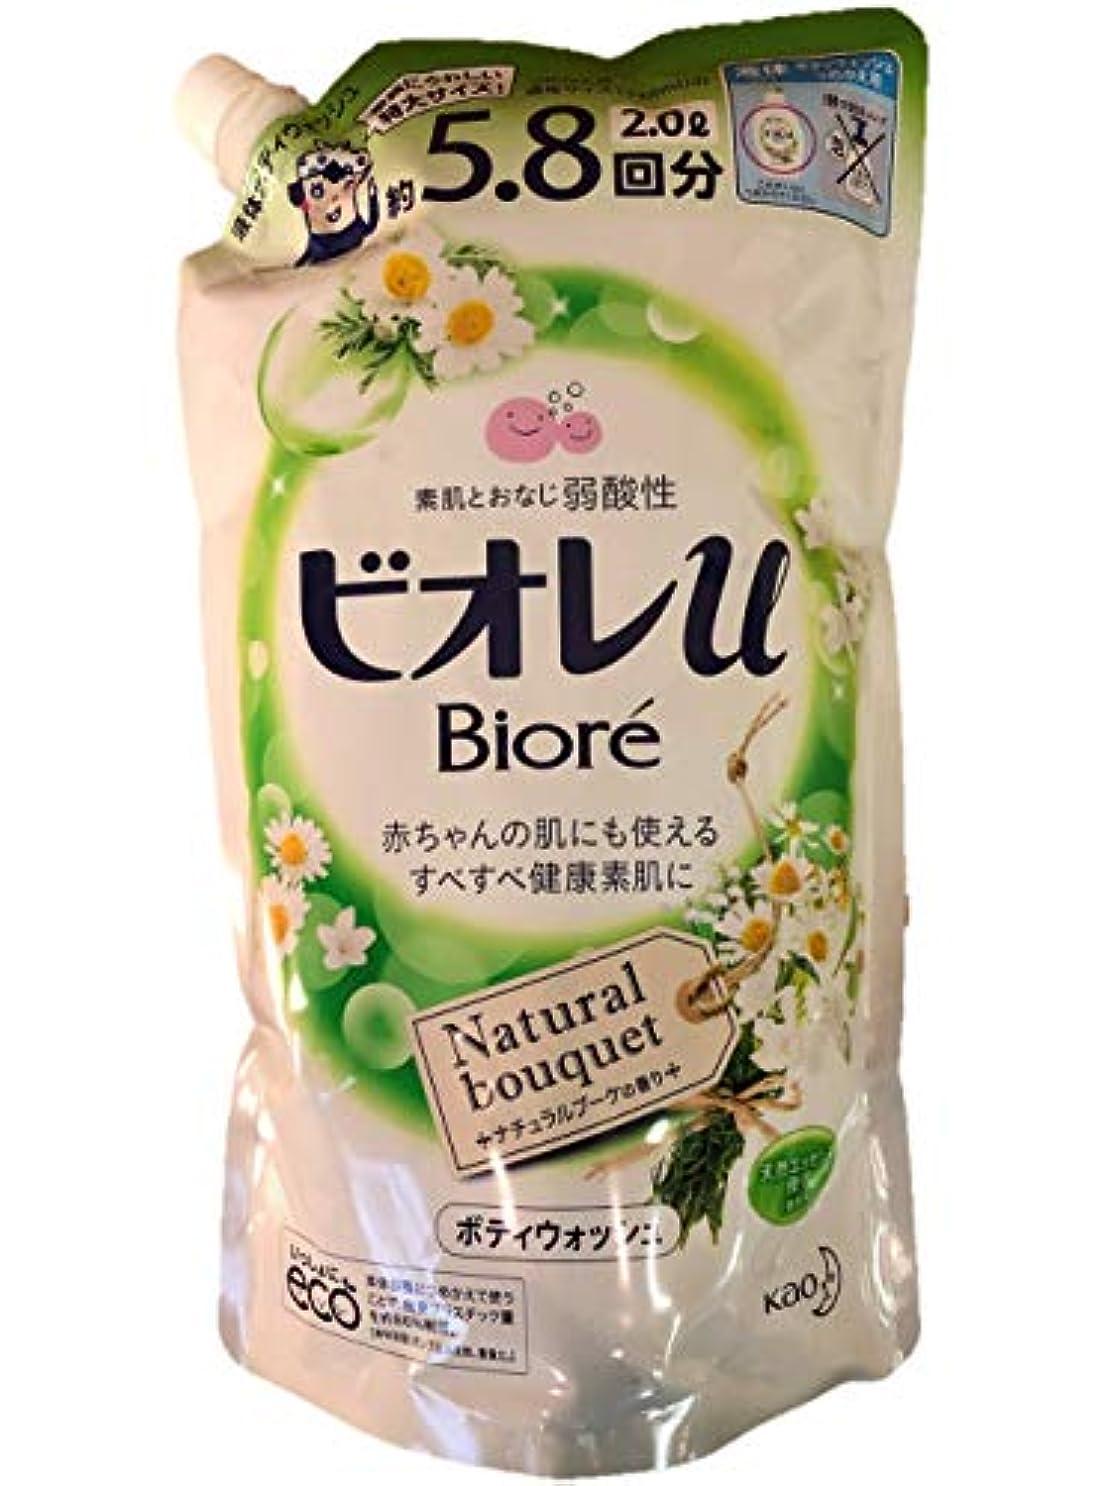 オフセット店員おんどり【大容量】ビオレu 詰め替え用 ナチュラルブーケの香り 5.8回分 2L